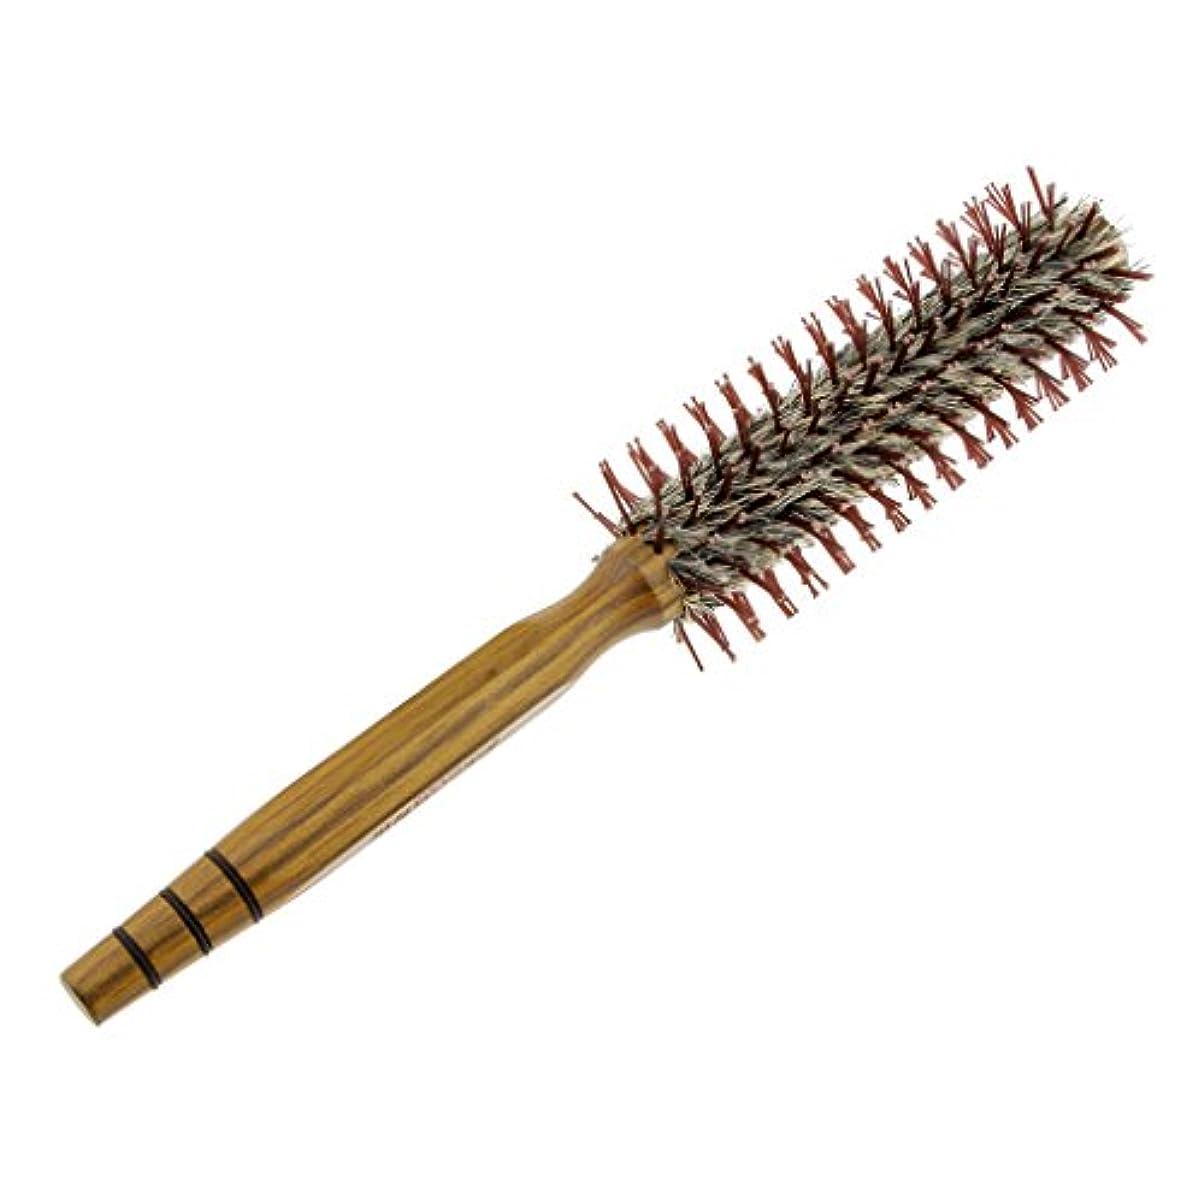 許可あそこ幹ドレッシングの巻き毛のイノシシのブラシの櫛を様式化する木の円形のヘアブラシの大広間 - M